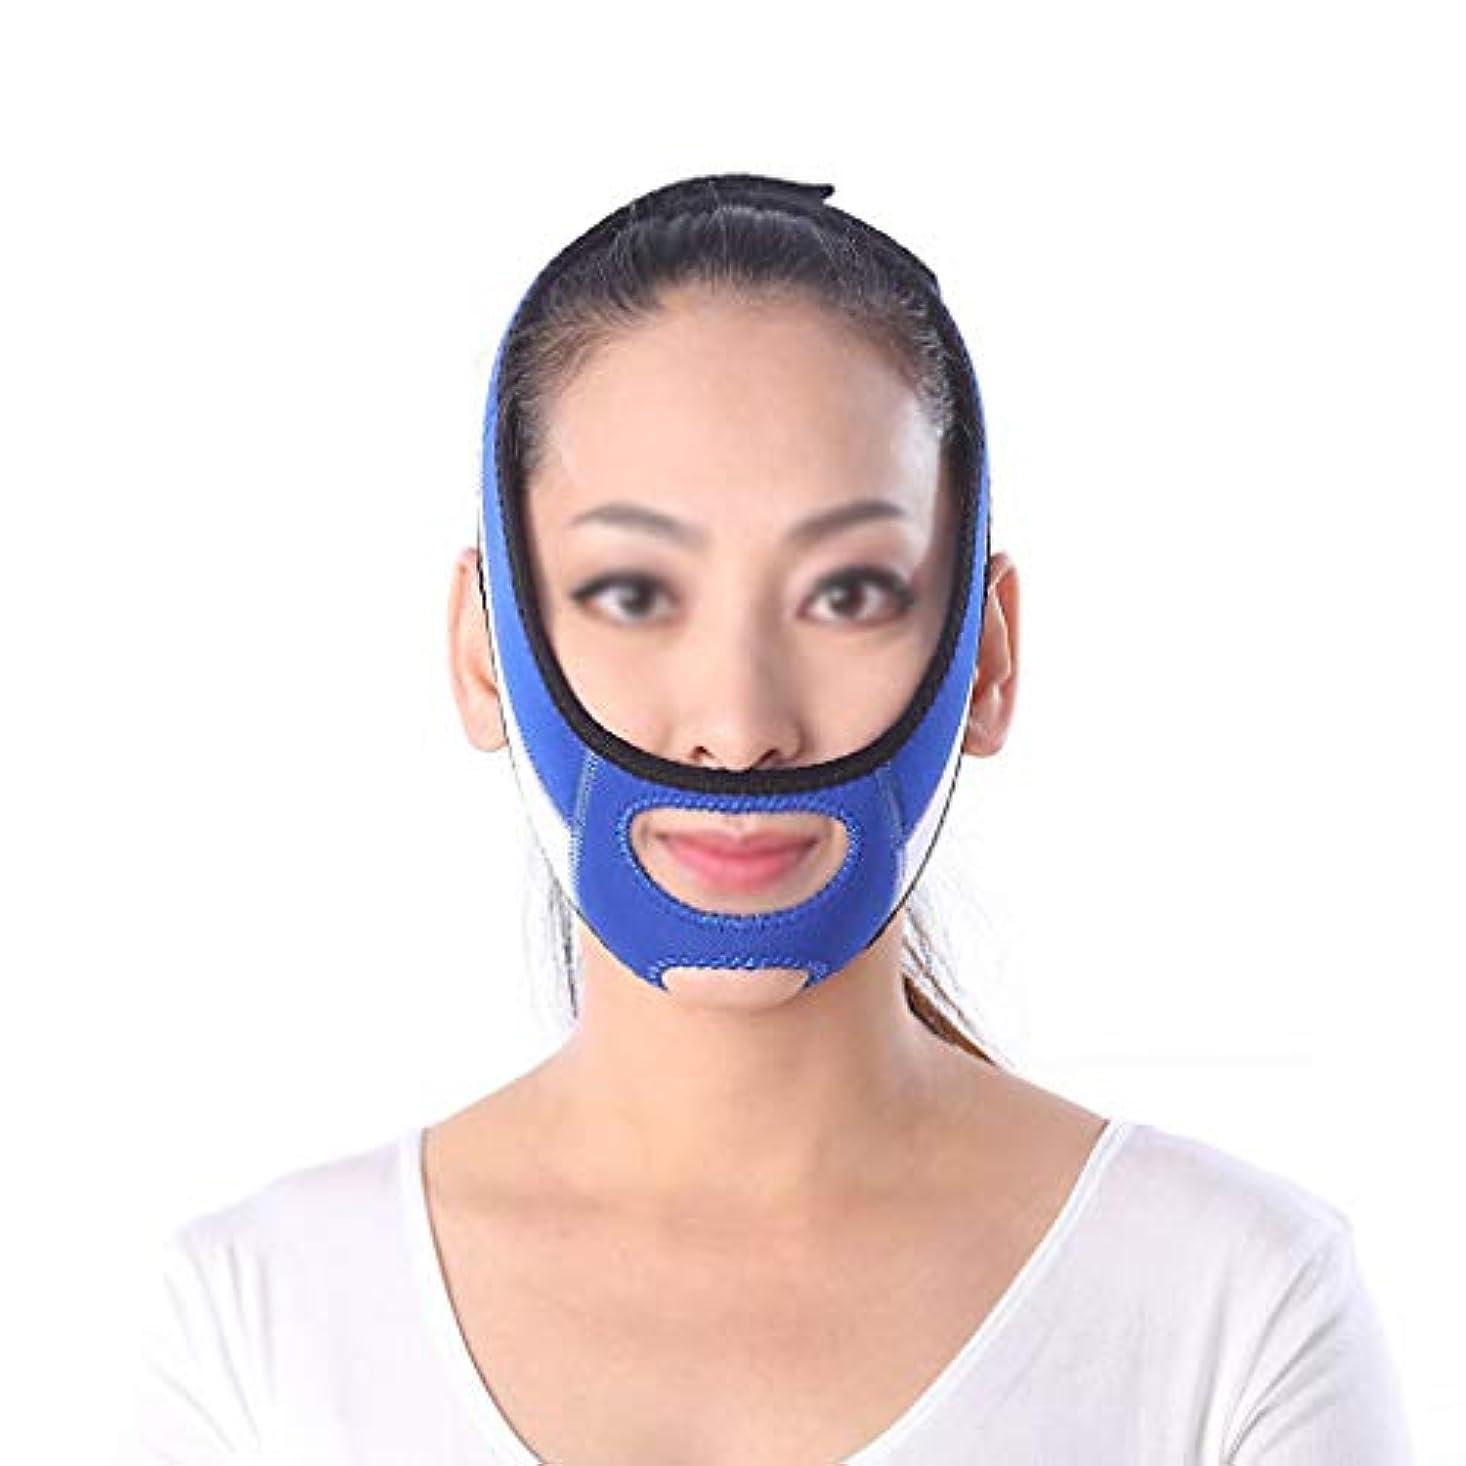 浸透する旅コールフェイスリフティング包帯、フェイスリフティングマスク、フェイスリフティング器具、二重あごケア減量、フェイシャルリフティングストラップ(フリーサイズ、ブルー)